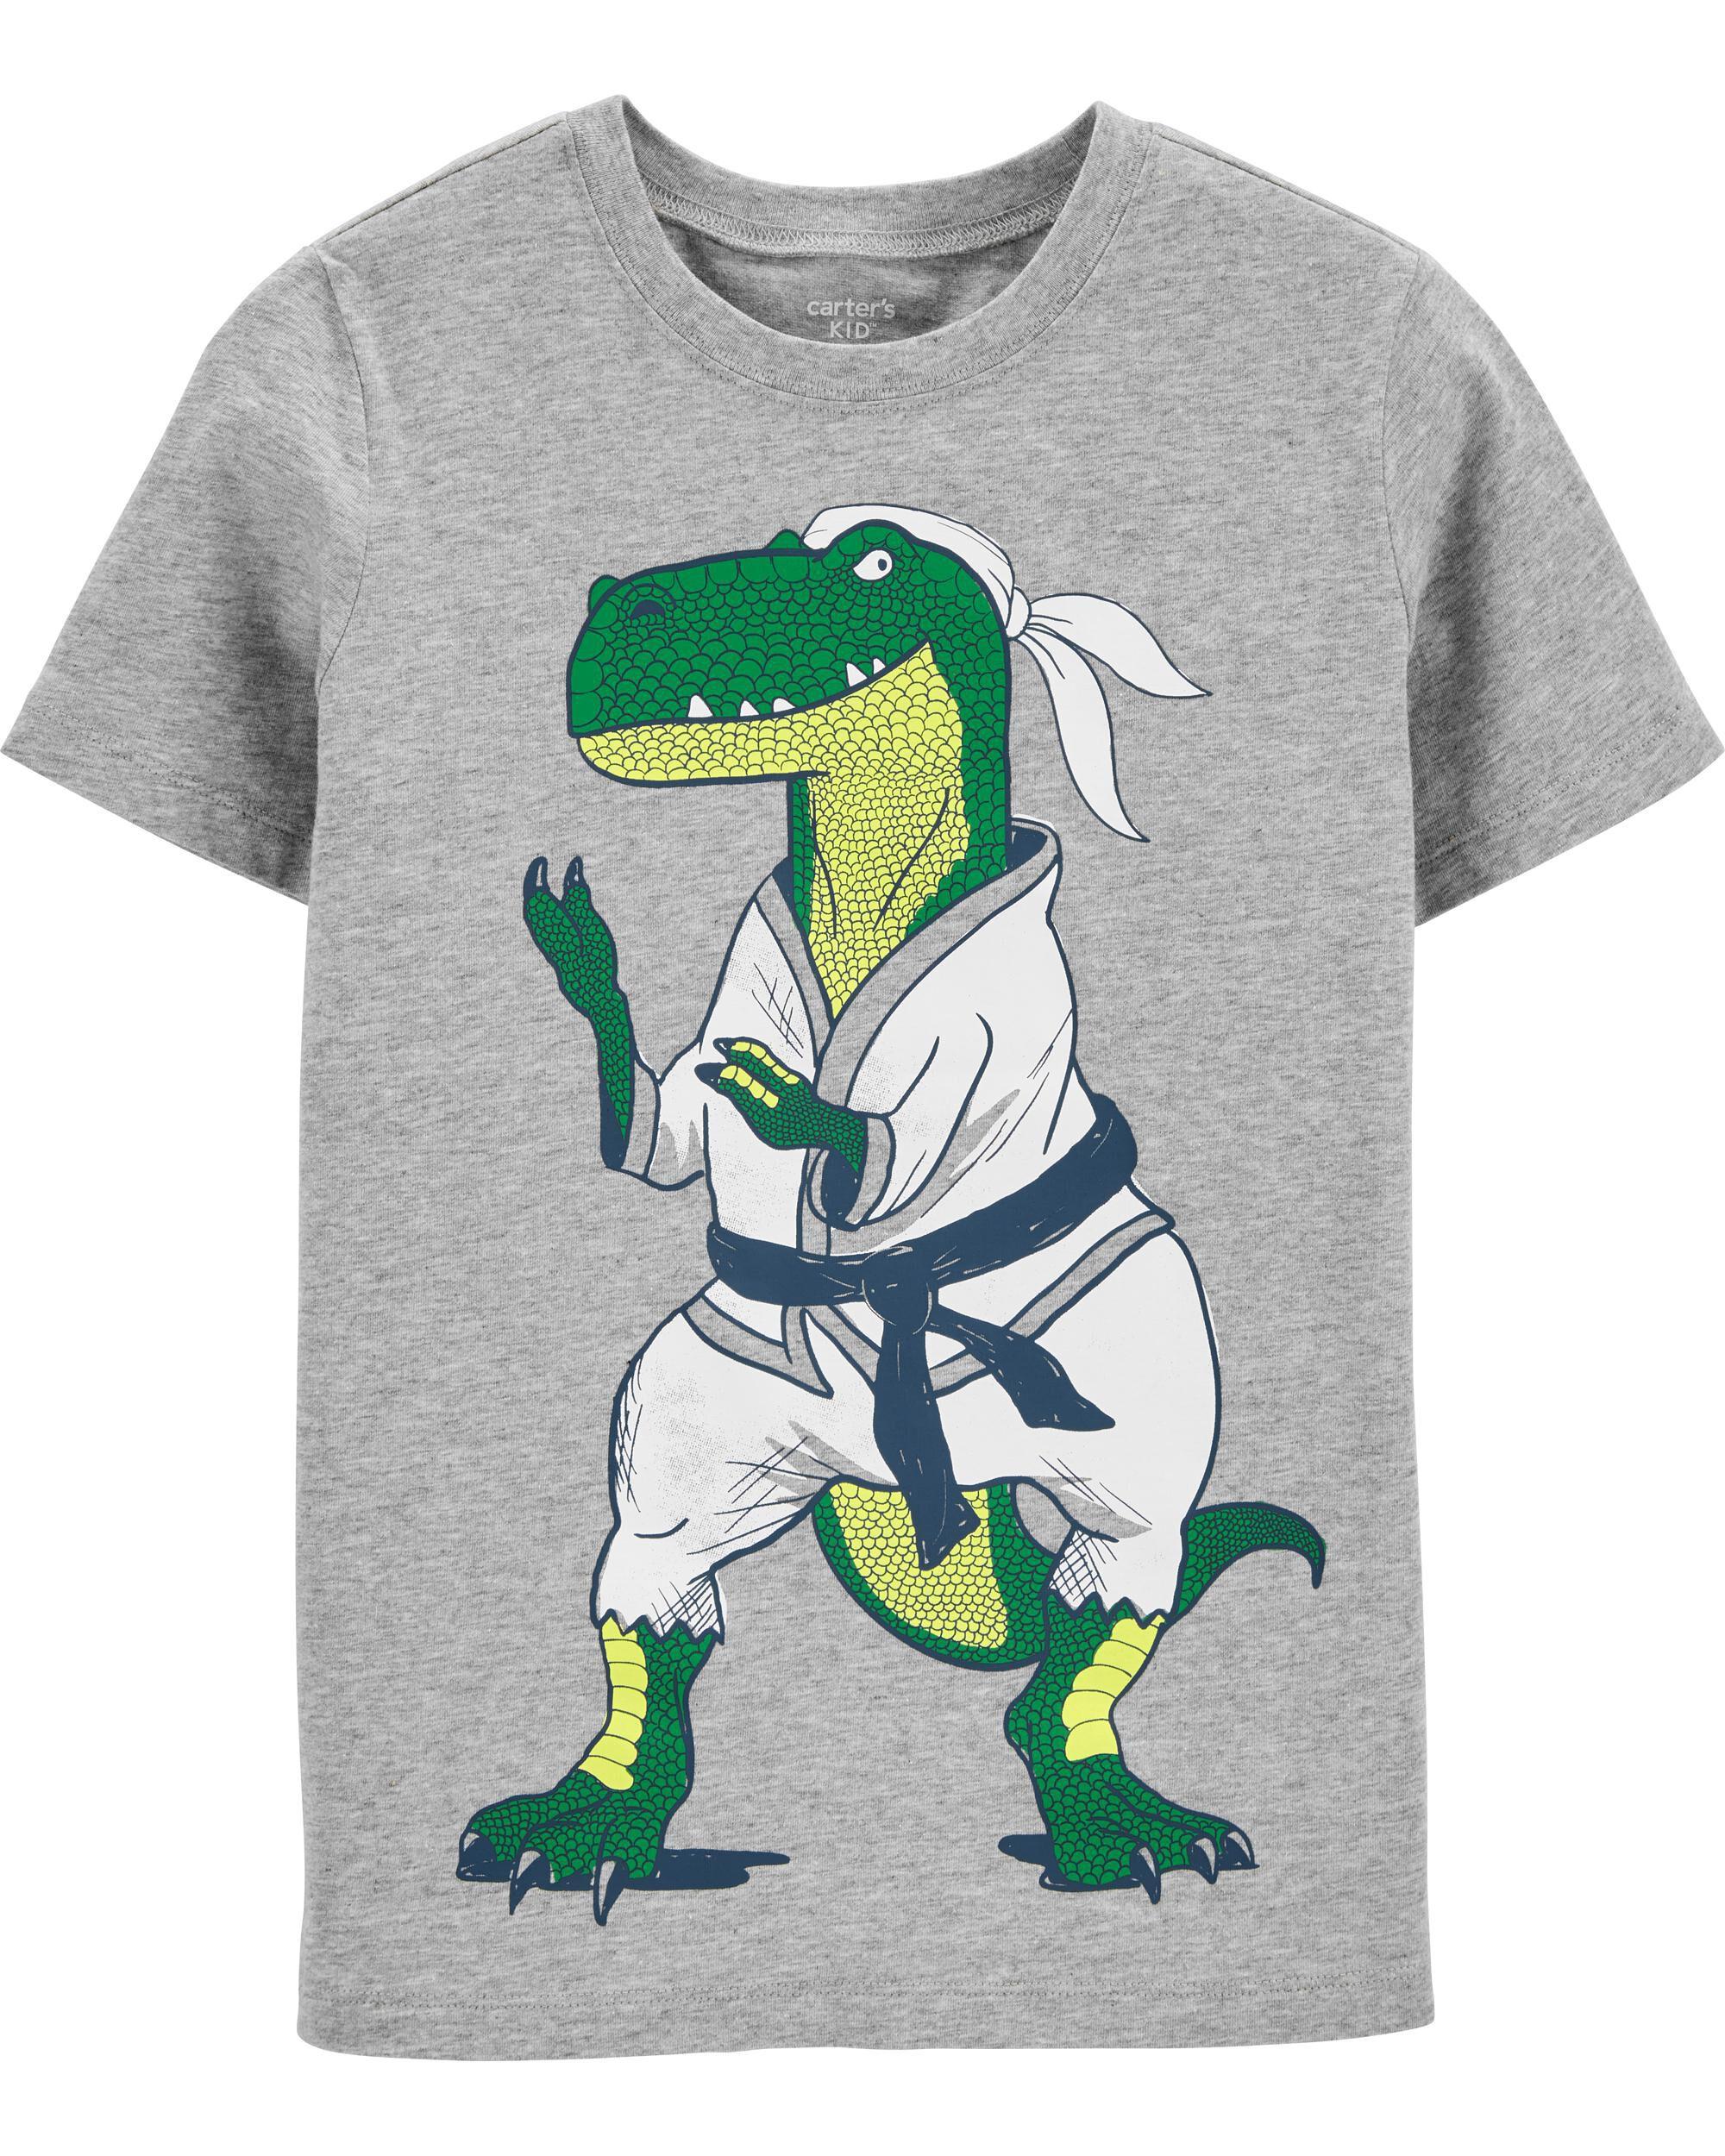 *DOORBUSTER*Karate Dinosaur Jersey Tee